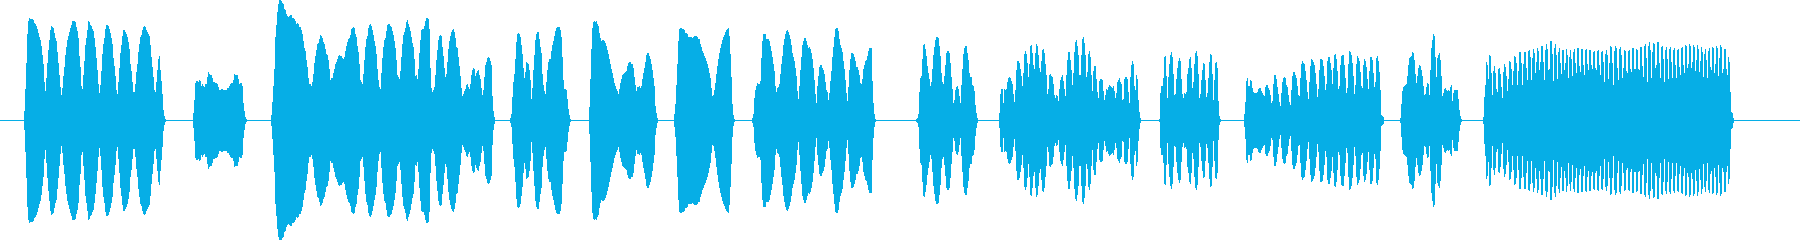 子守唄風ヘタウマリコーダーのみのジングルの再生済みの波形